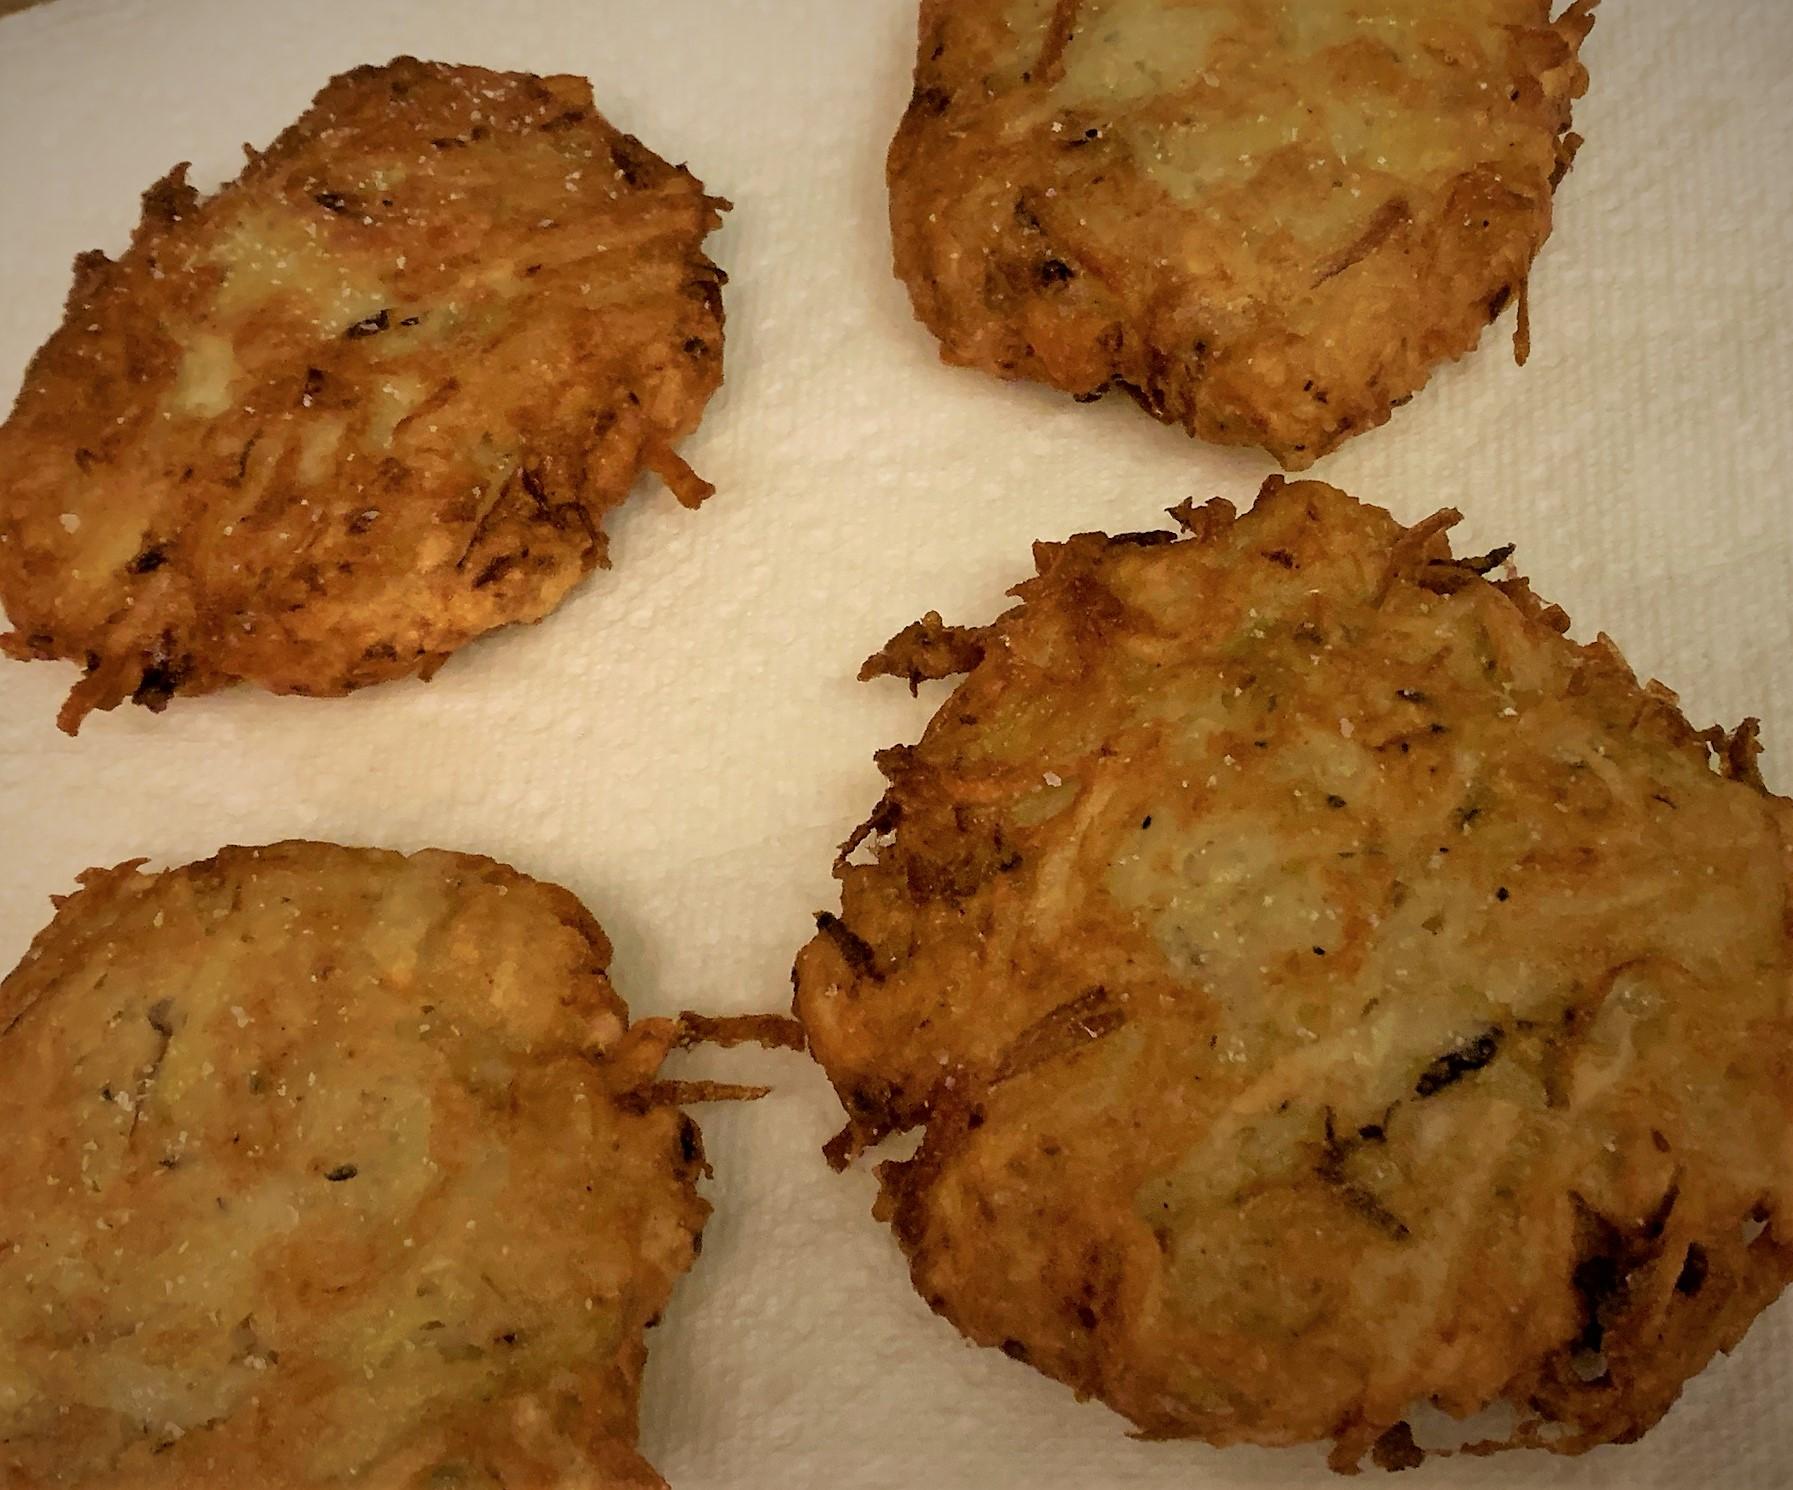 Our fried Potato Latkes